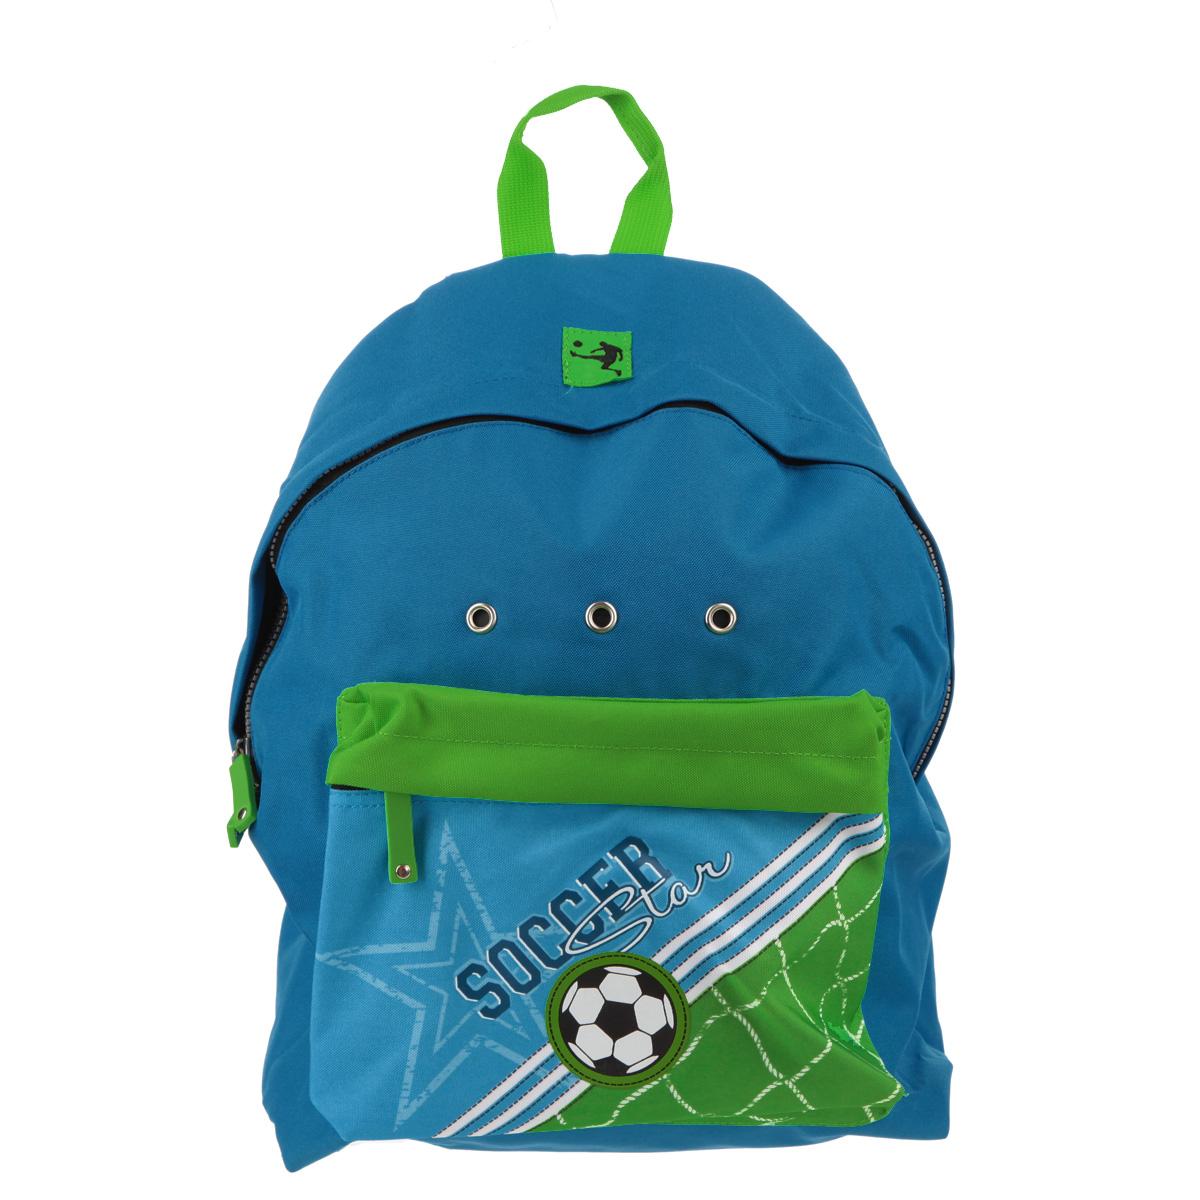 Рюкзак Erich Krause Soccer, цвет: синий, зеленый72523WDРюкзак Erich Krause Soccer легкий, компактный выполнен из водонепроницаемого материла и дополнен изображением в виде футбольного мяча.Содержит одно вместительное отделение, закрывающееся на пластиковый замок-молнию с двумя бегунками. Внутри отделения расположен нашивной карман, на котором находятся открытый кармашек, карман-сетка на молнии и два фиксатора для канцелярских принадлежностей. Лицевая сторона рюкзака оснащена фронтальным карманом на застежке-молнии. Мягкие лямки позволяют легко и быстро отрегулировать рюкзак в соответствии с ростом. Рюкзак оснащен удобной текстильной ручкой для переноски в руке.Этот рюкзак можно использовать для повседневных прогулок, отдыха и спорта, а также как элемент вашего имиджа.